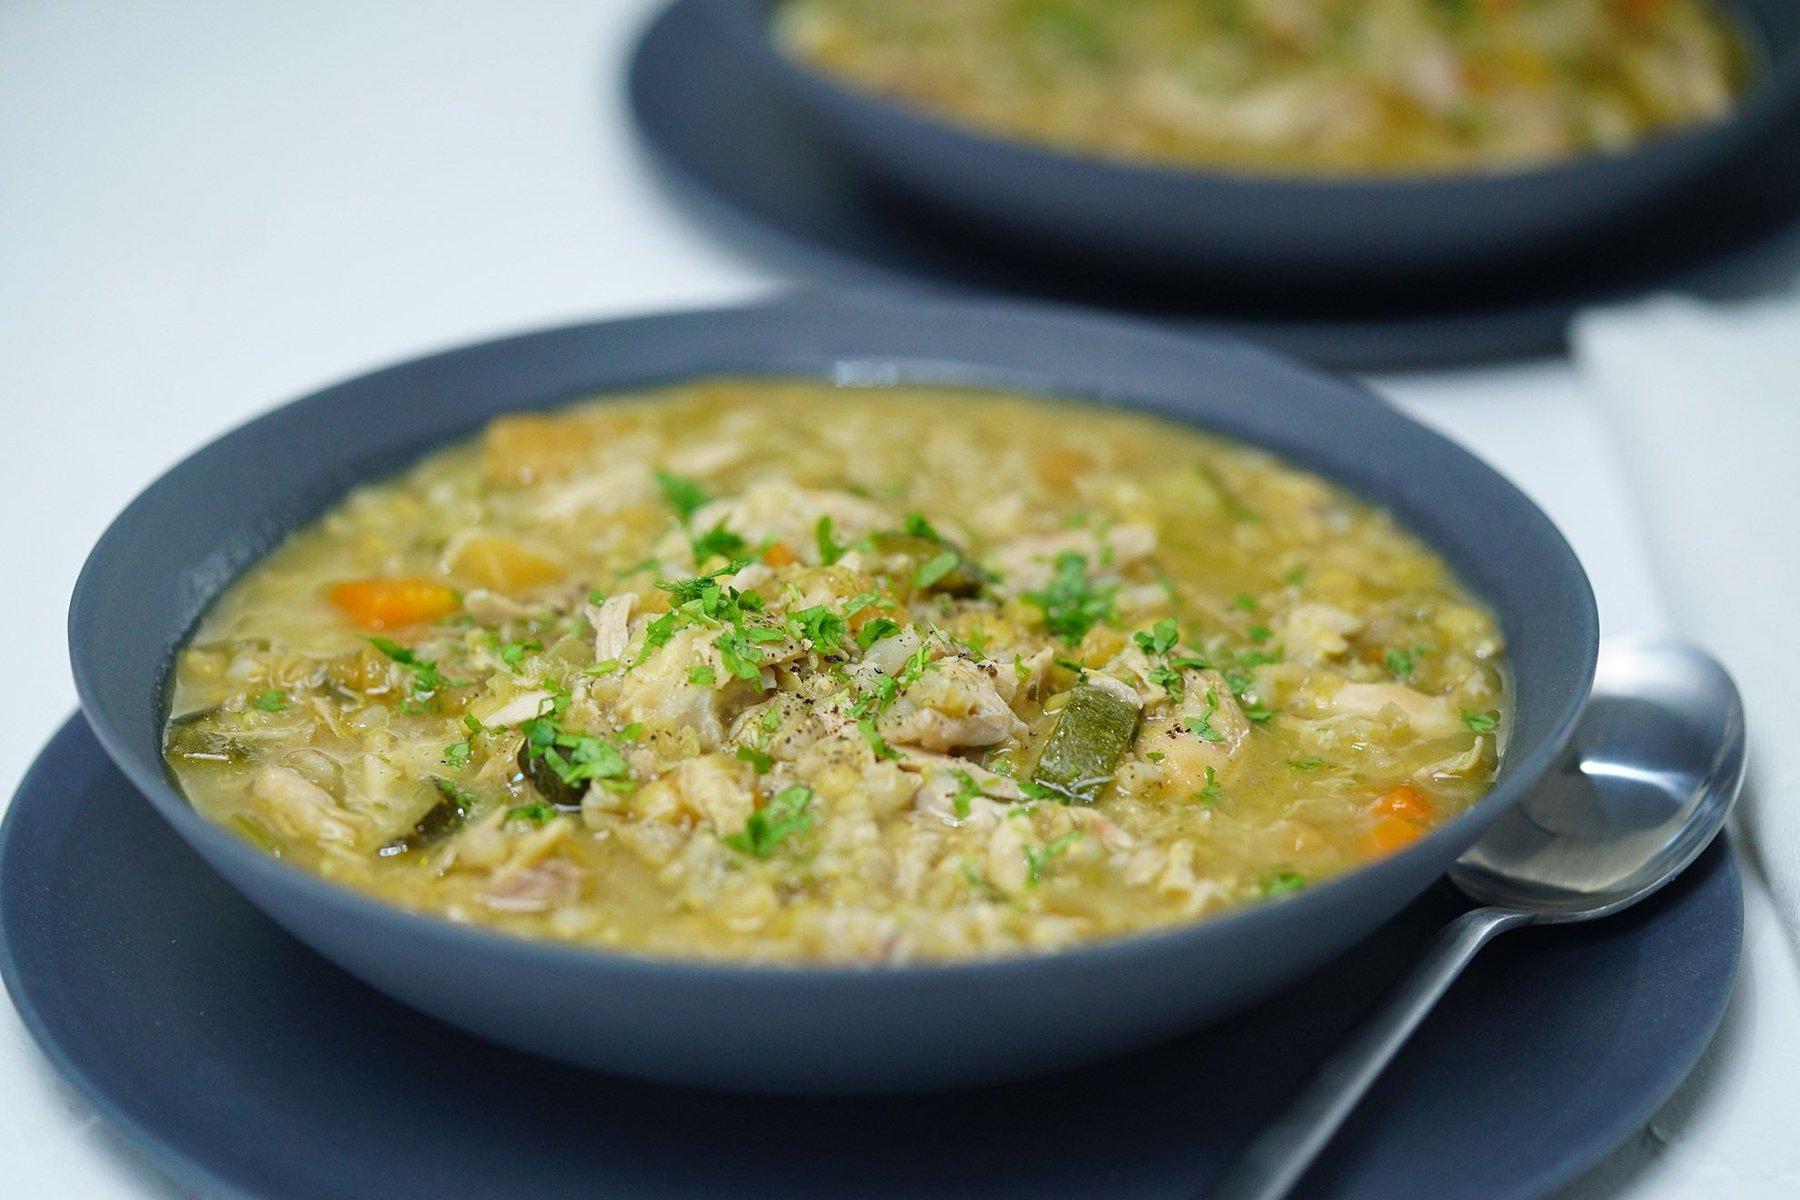 Nên ăn cháo loãng hoặc súp